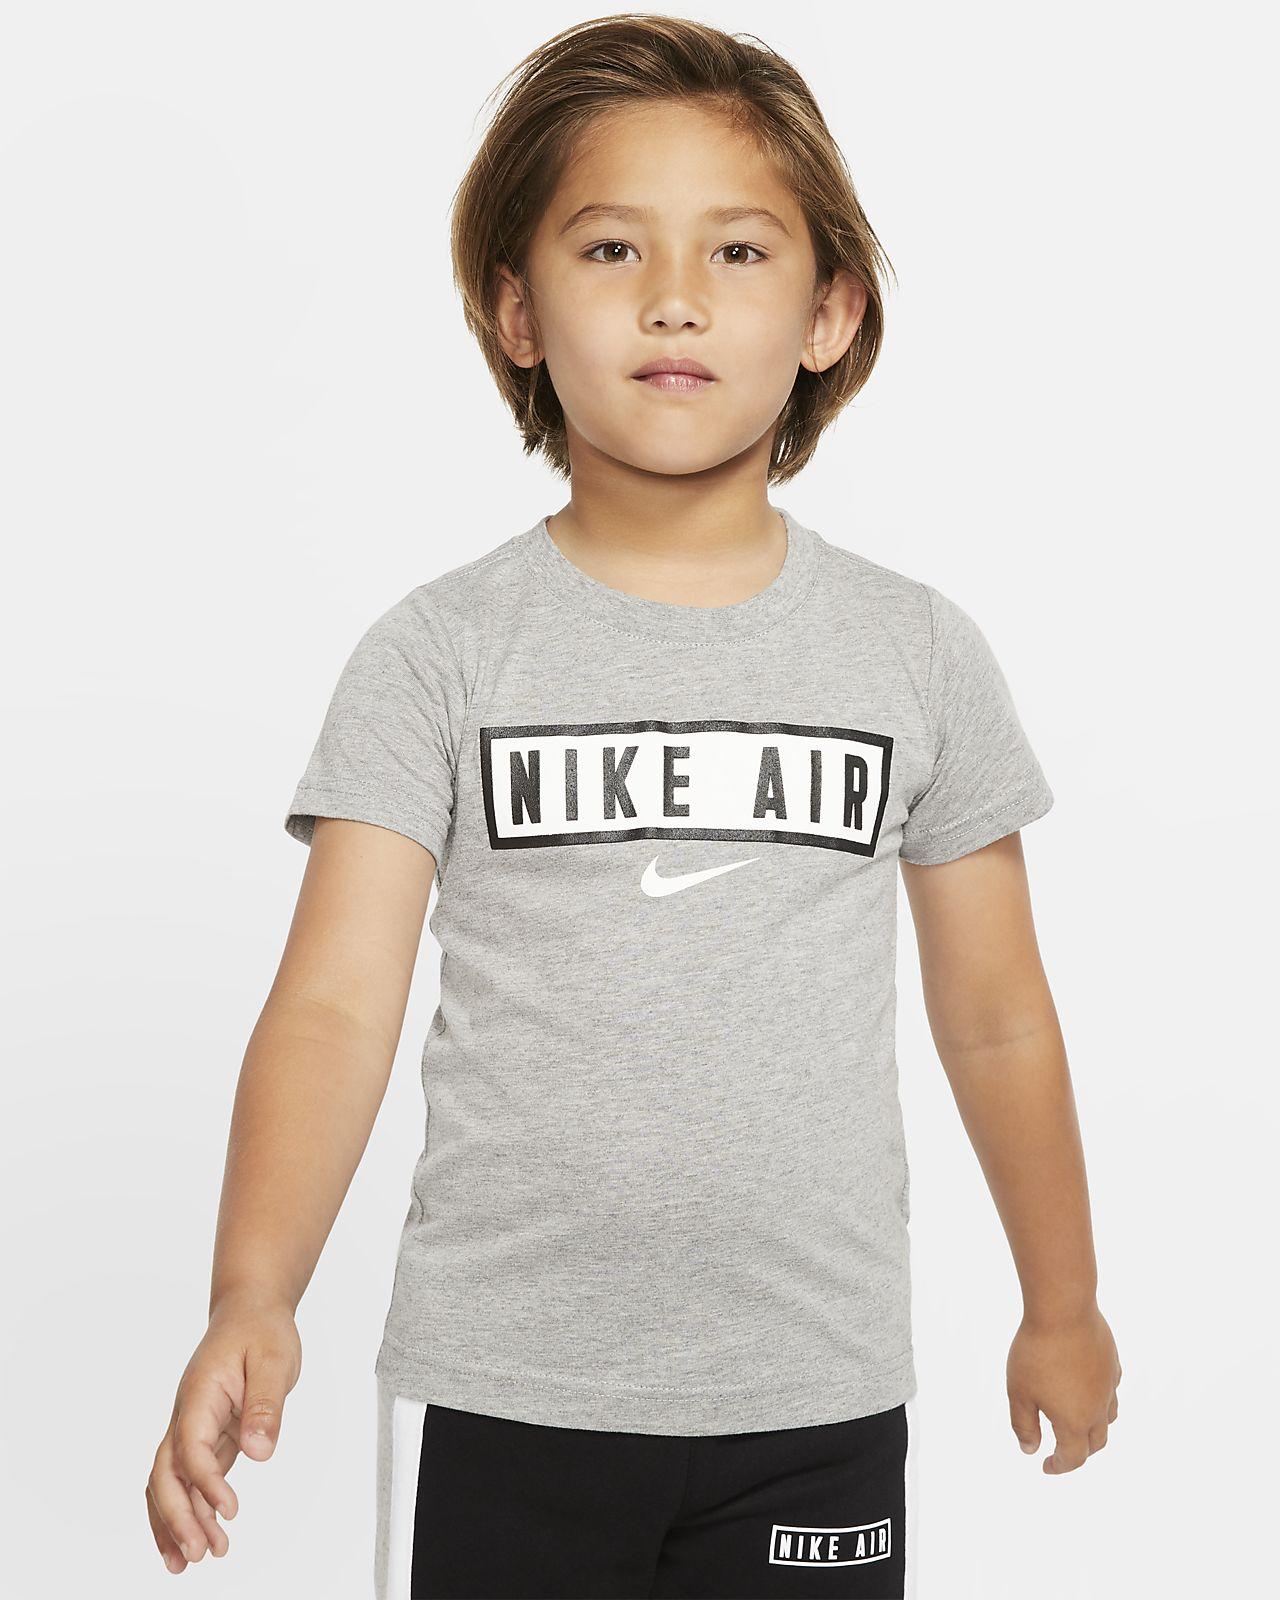 Tee-shirt à manches courtes Nike Air pour Jeune enfant